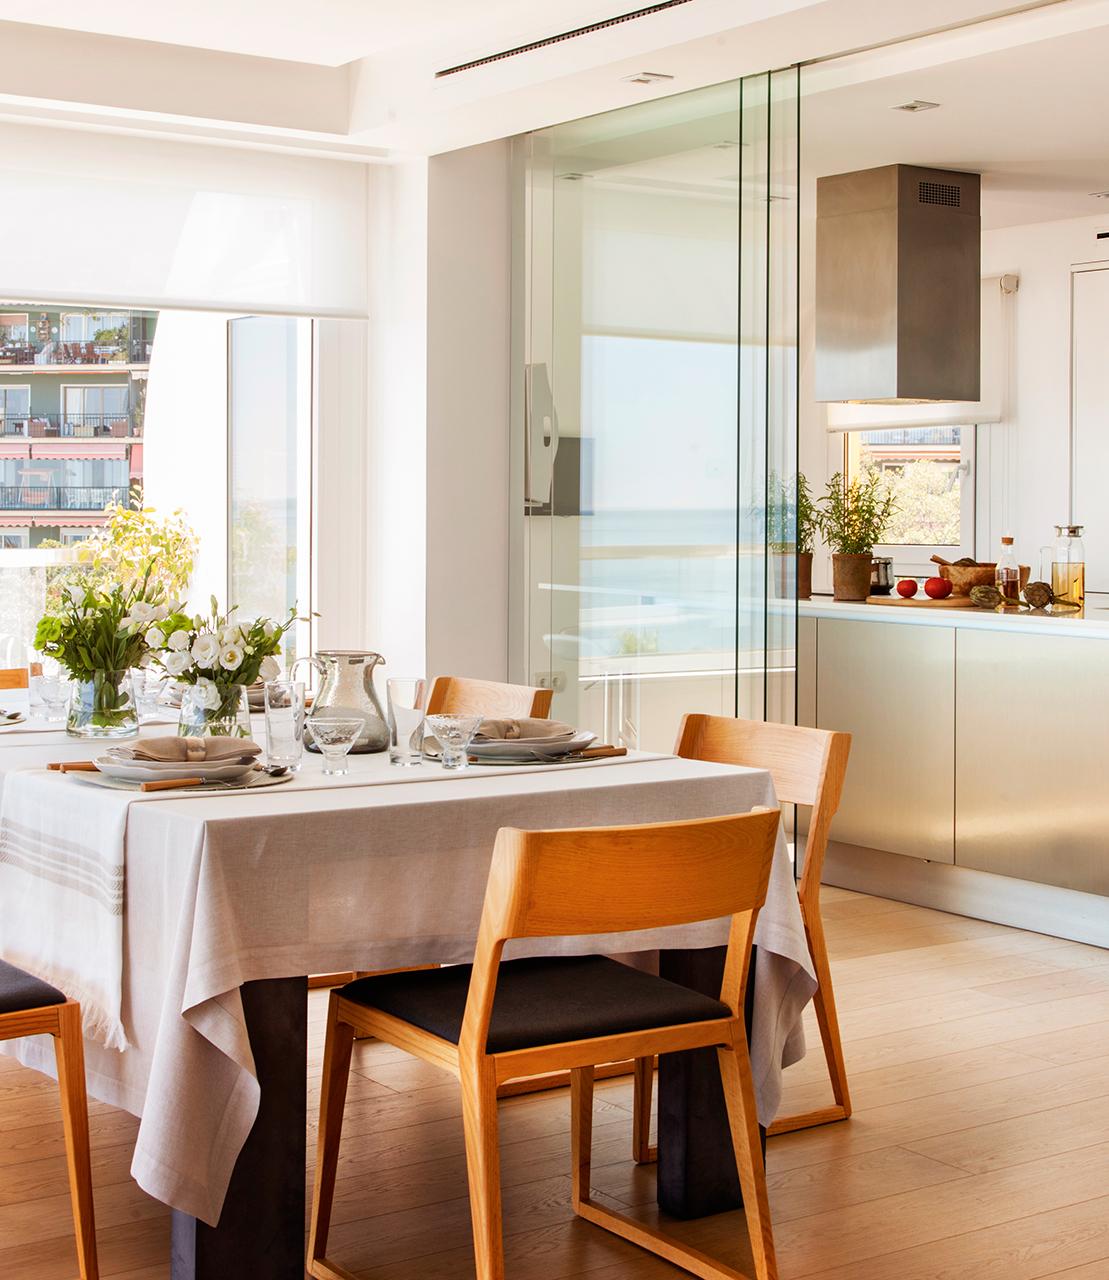 Claves para abrir la cocina al comedor o el sal n y ganar - Unir cocina y salon ...